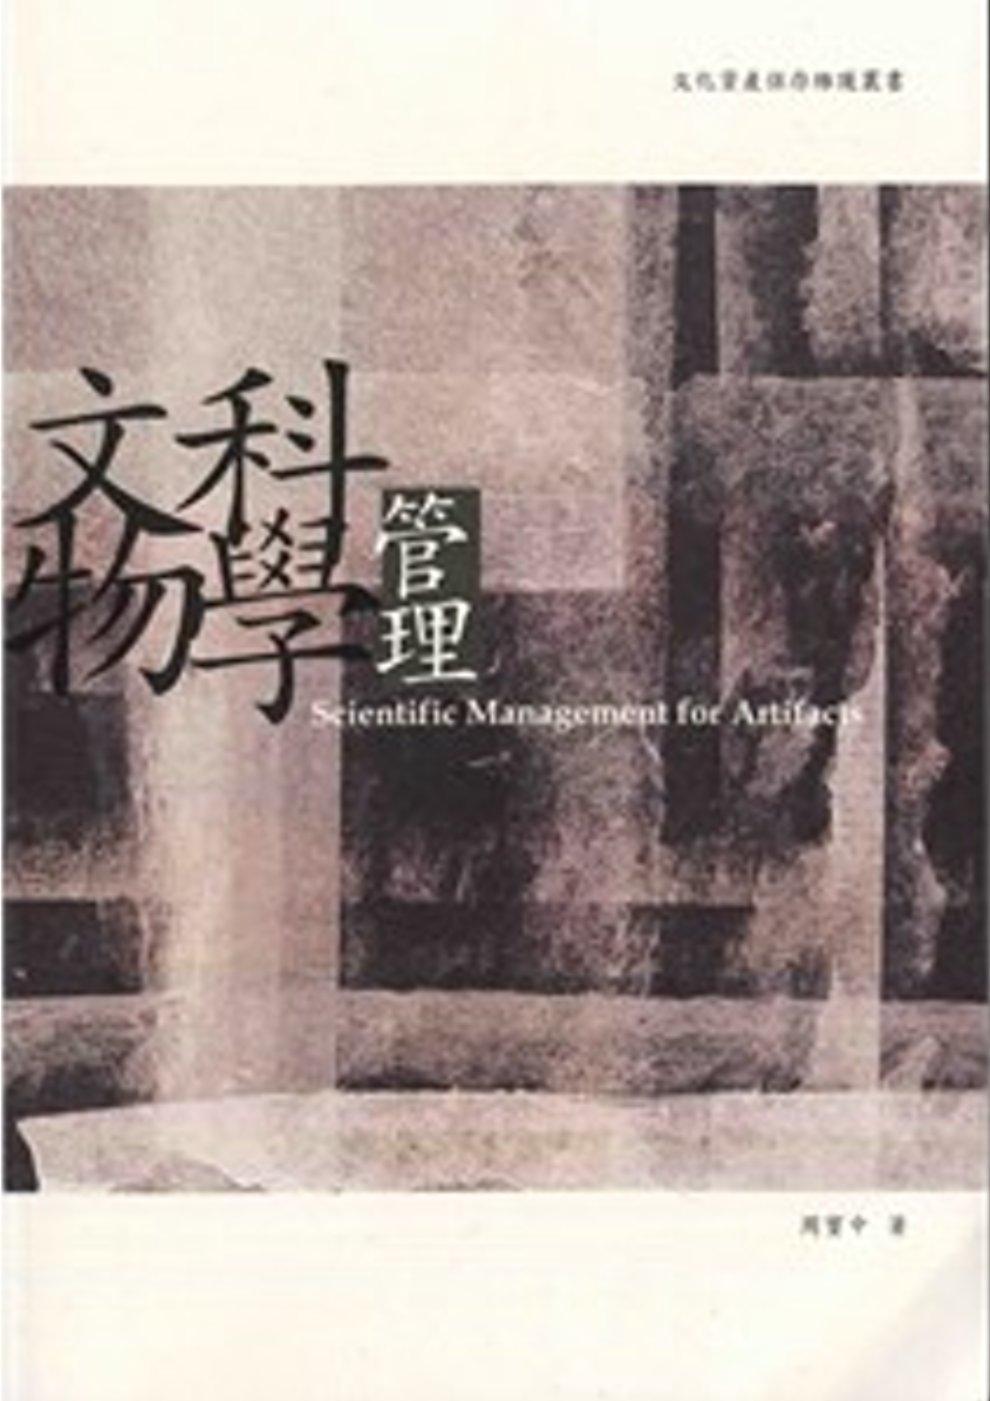 文物科學管理:文化資產保存維護叢書